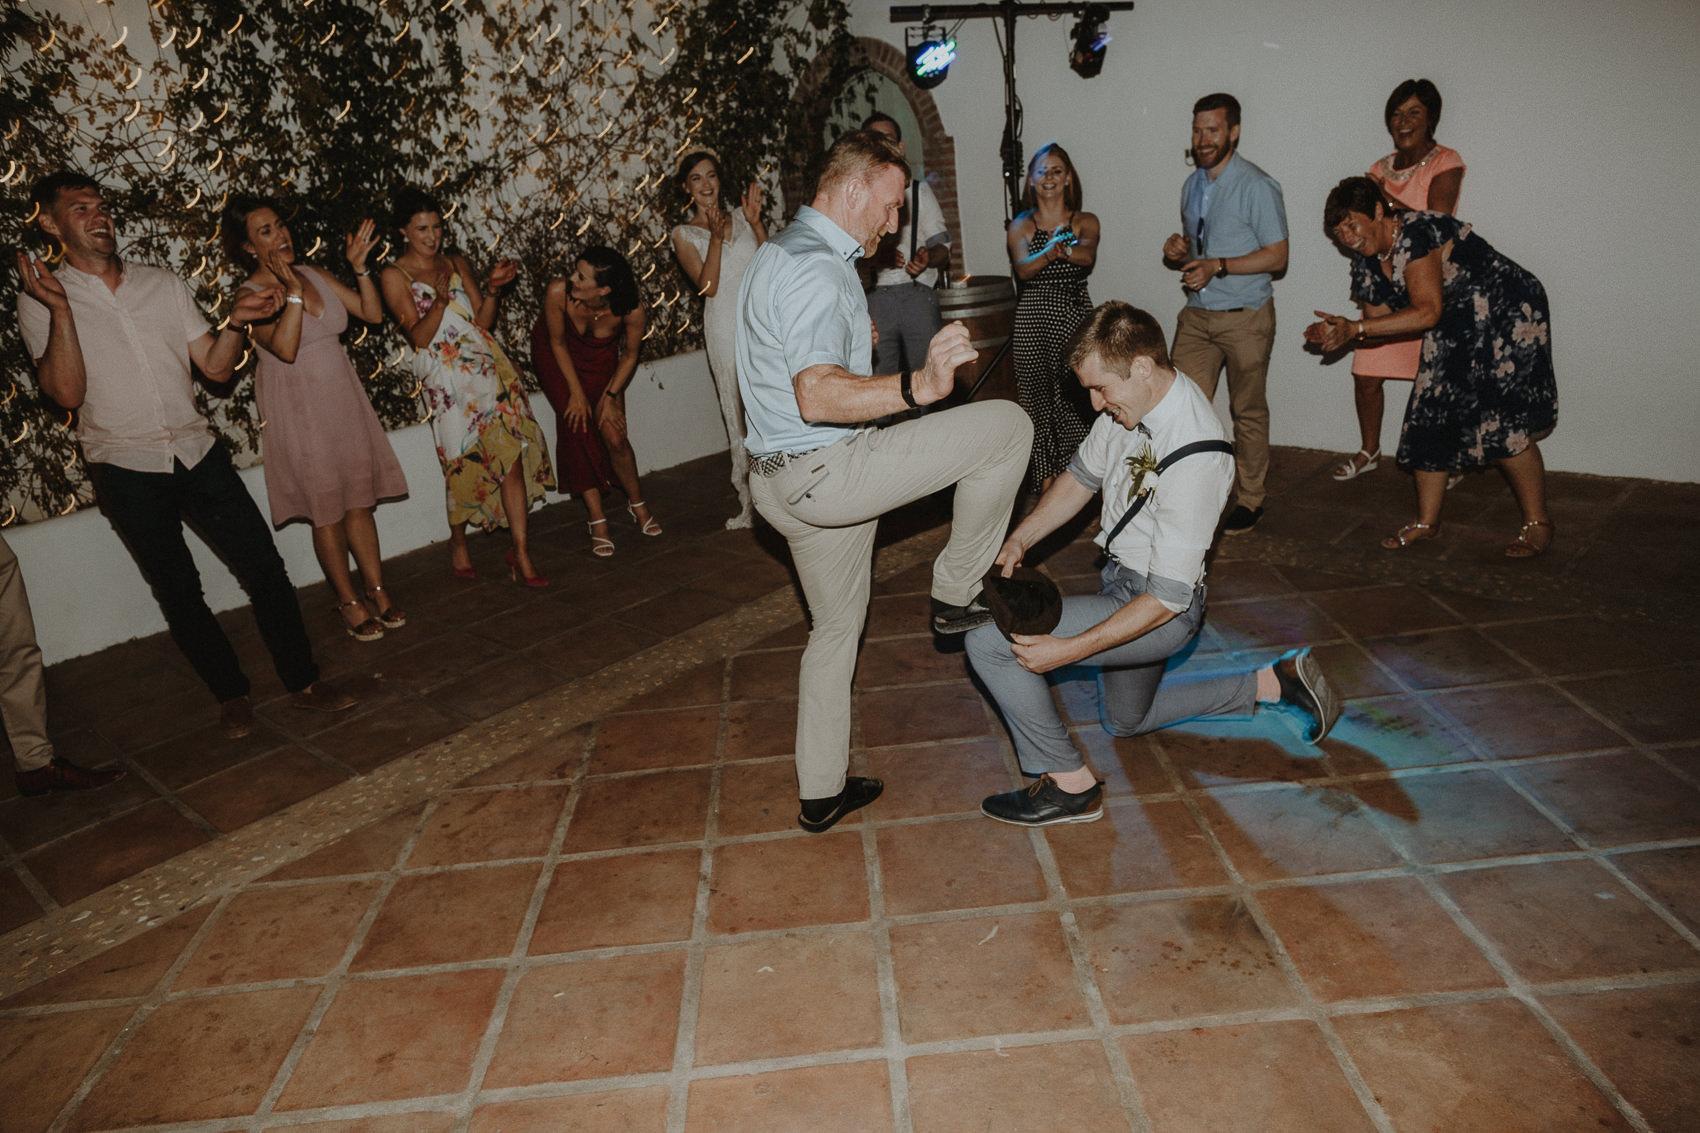 Sarah & Bill | Summer wedding at Cortijo Rosa Blanca | Marbella - Spain 180